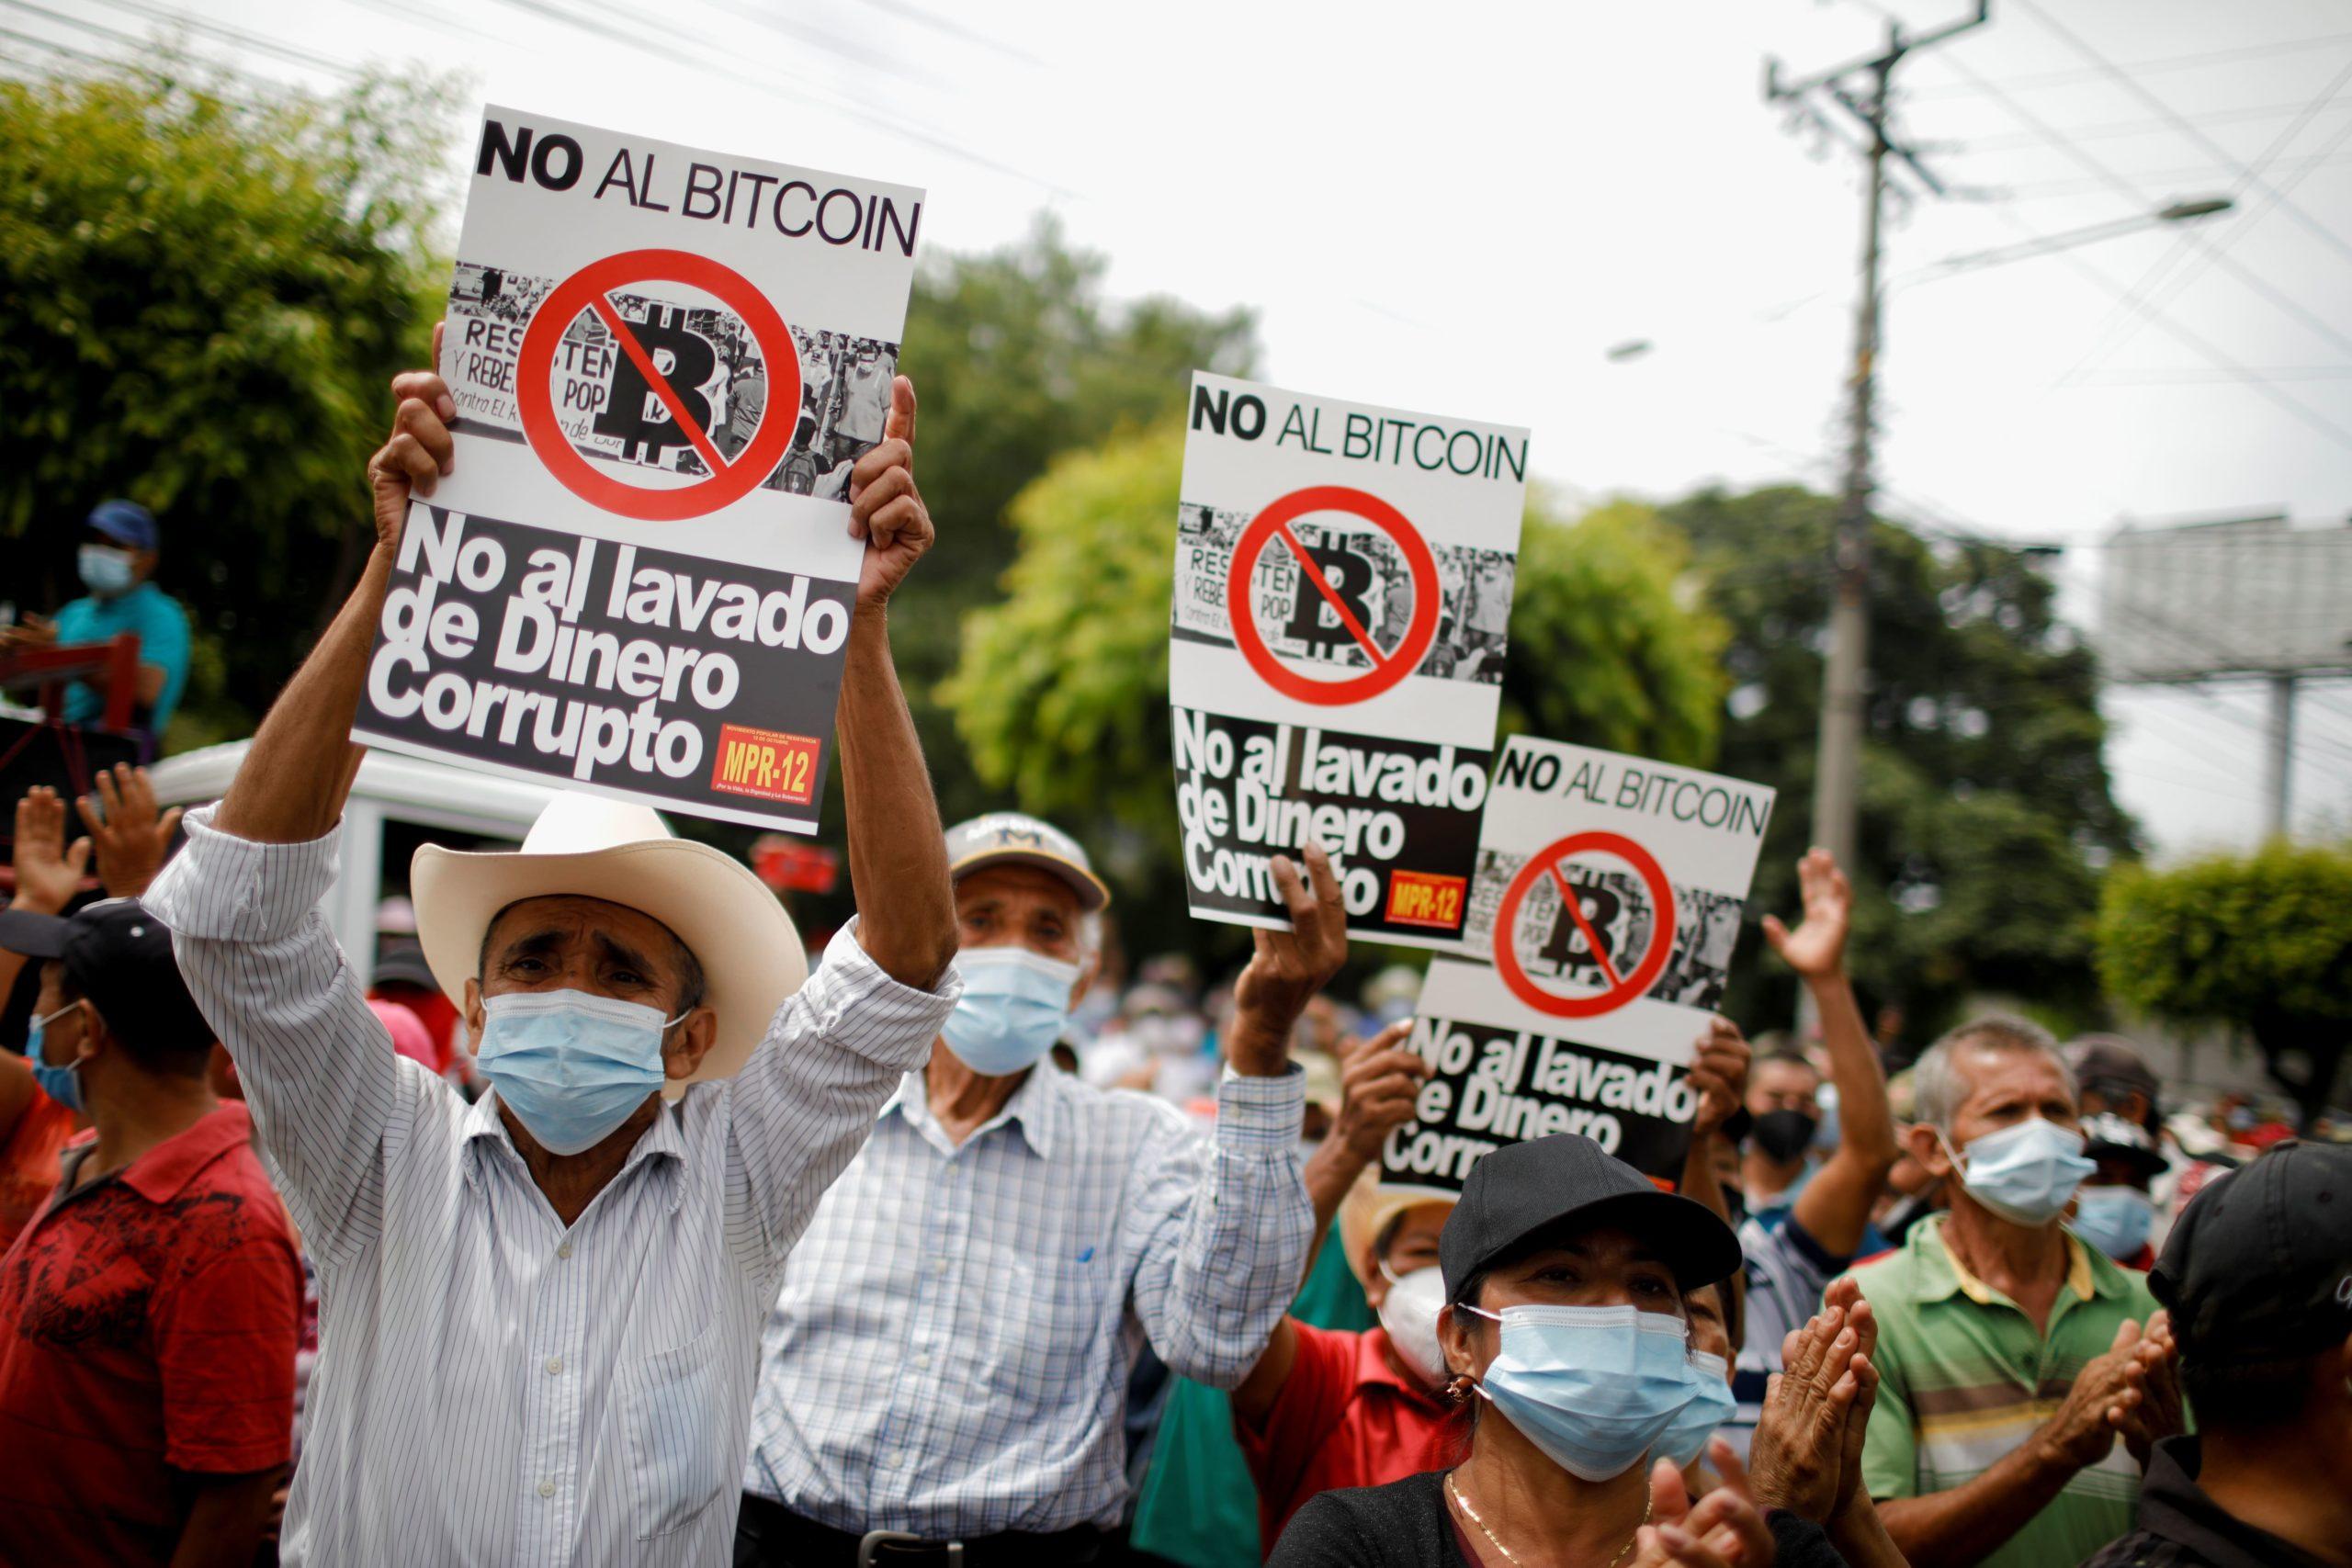 Демонстрація громадян Сальвадору проти запровадження біткоїна як нового платіжного засобу. Фото Sky News